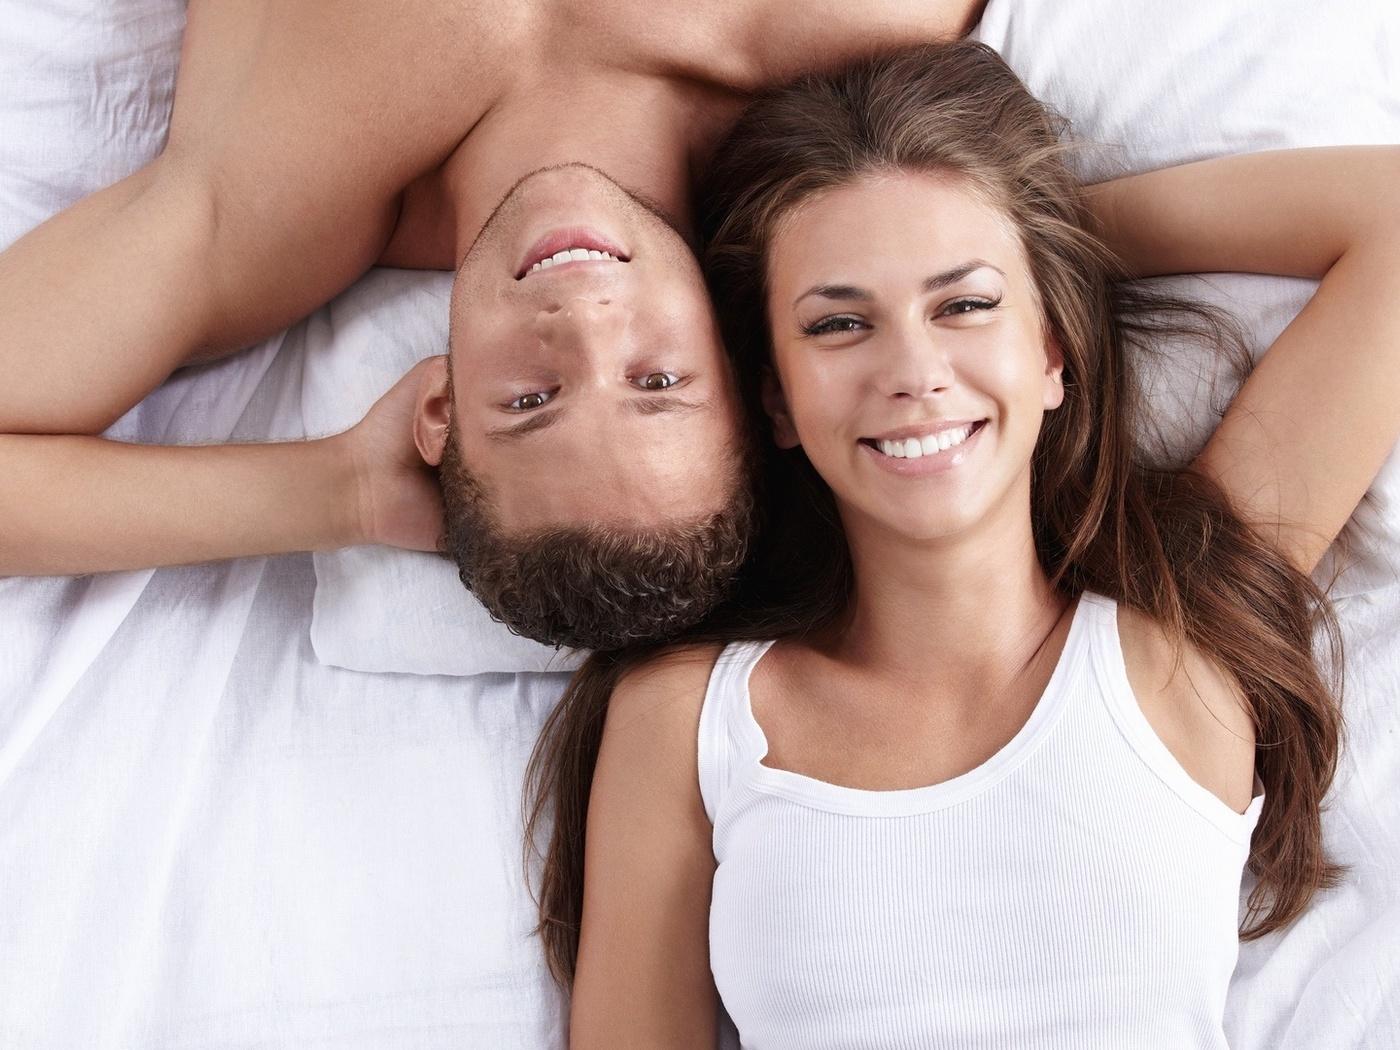 Как разнообразить сексуальные отношения